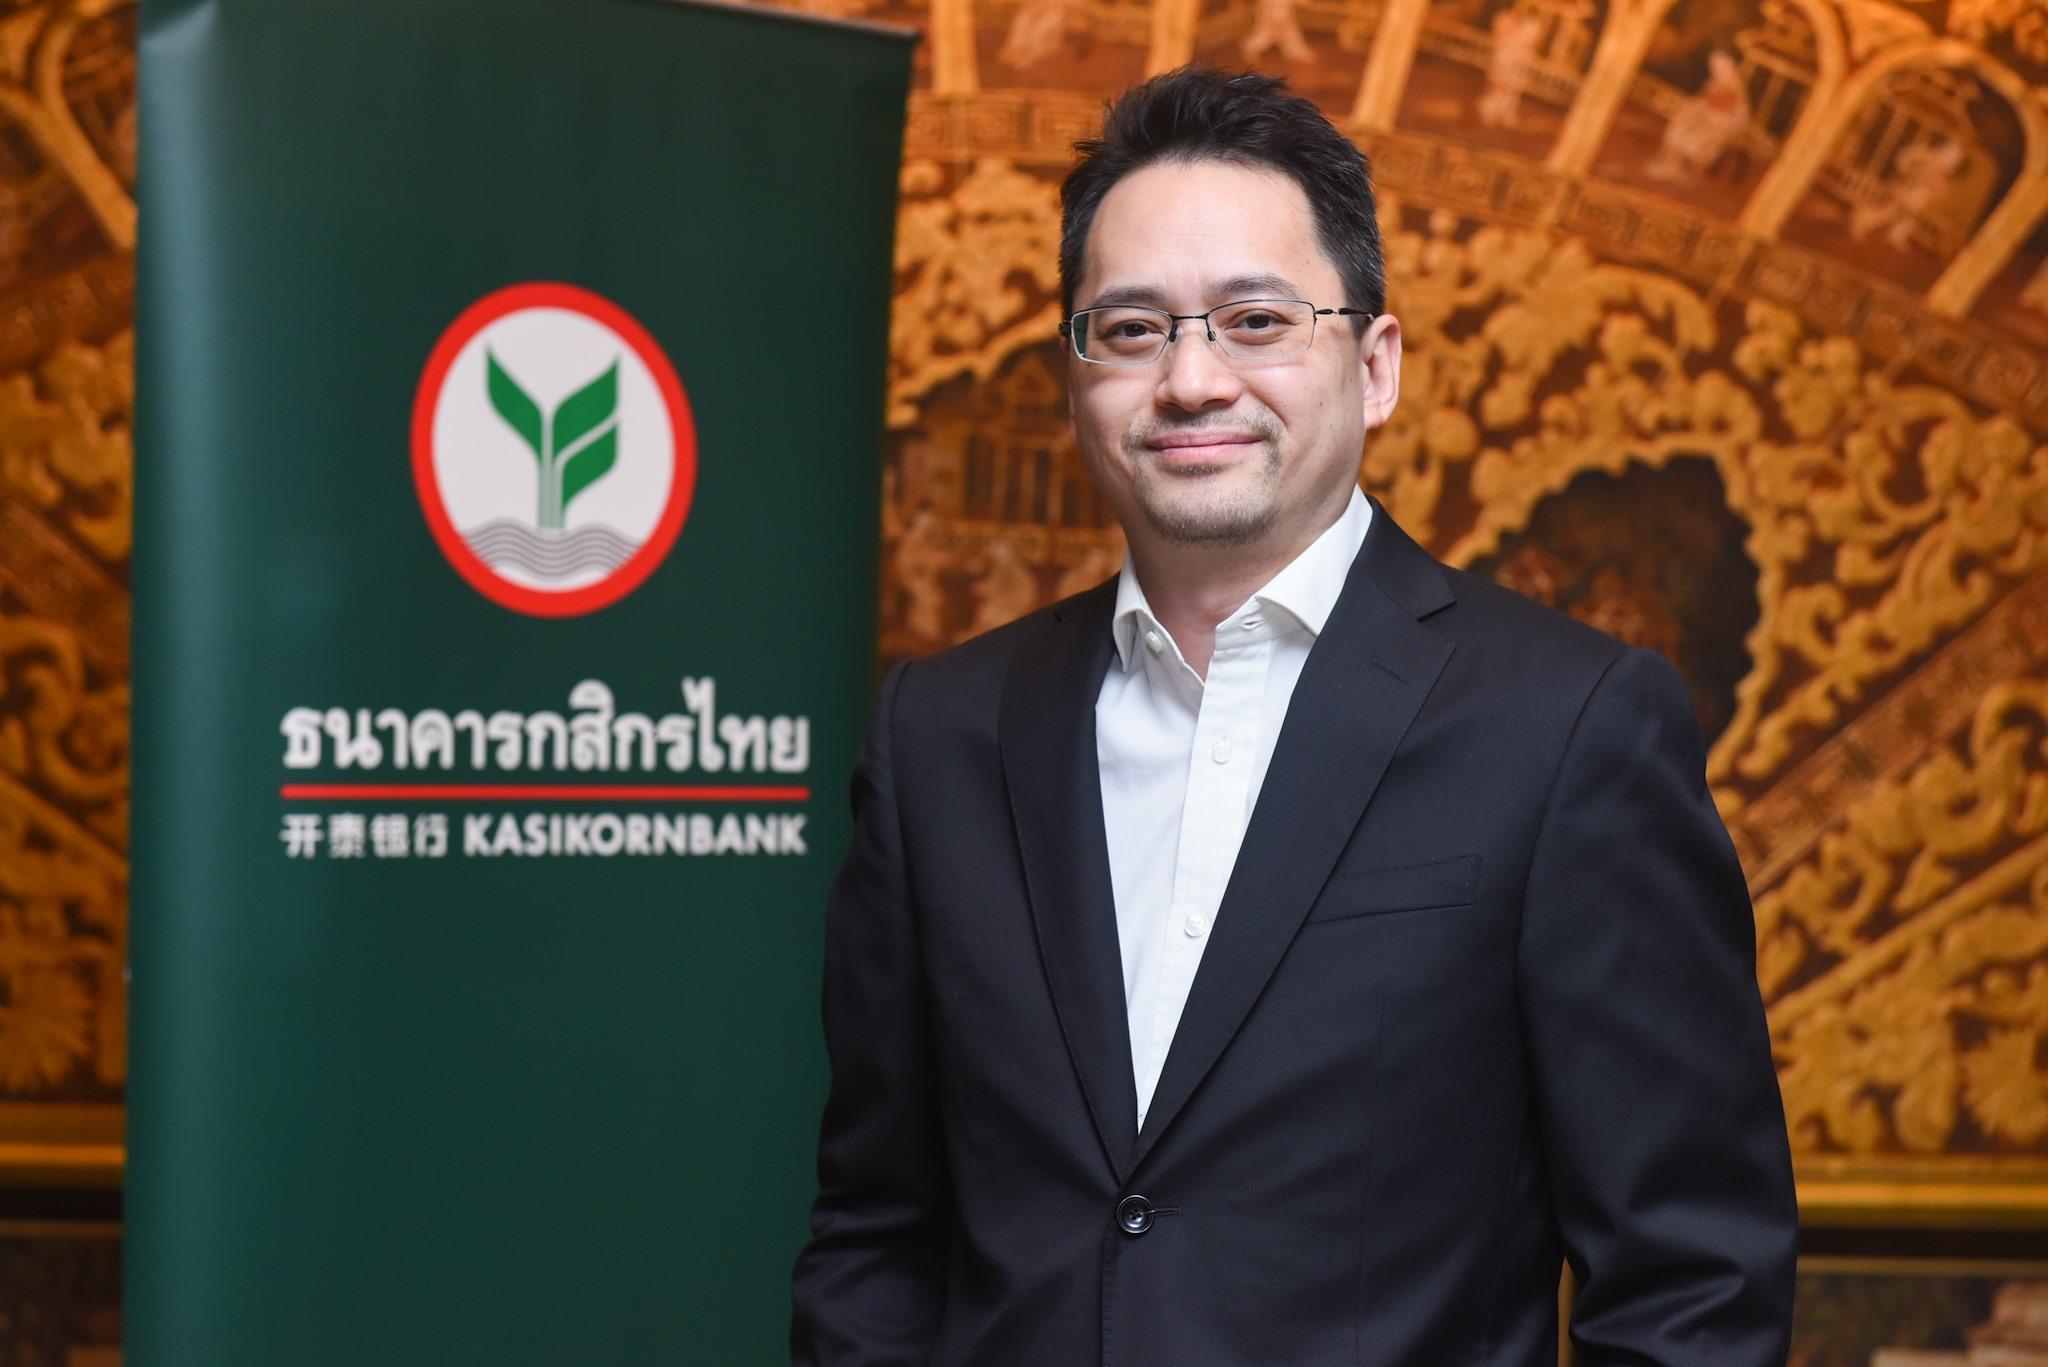 บิ๊ก บล.กสิกร ชี้หุ้นไทยหลังเลือกตั้งยังผันผวน เหตุการเมืองยังไม่นิ่ง แนะตั้งสติก่อนลงทุน